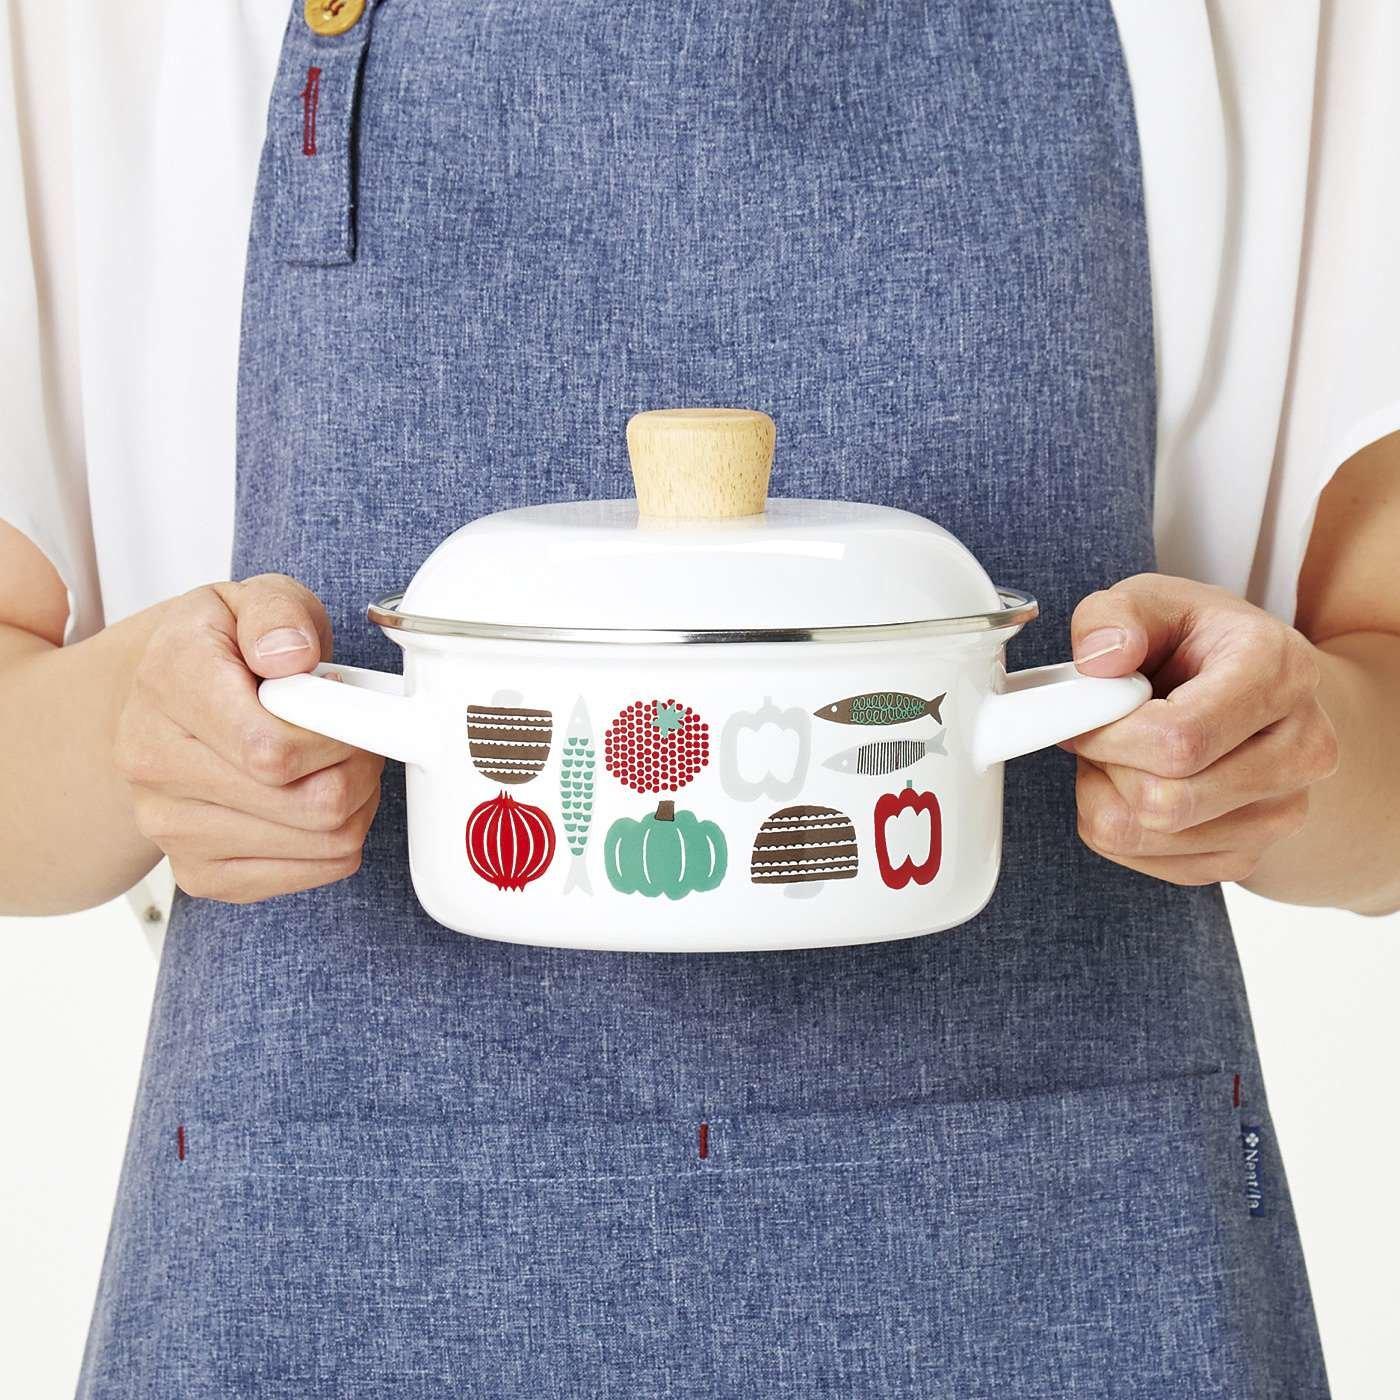 ちょこっと調理&保存にちょうどいい!ひとり鍋もできるミニ鍋